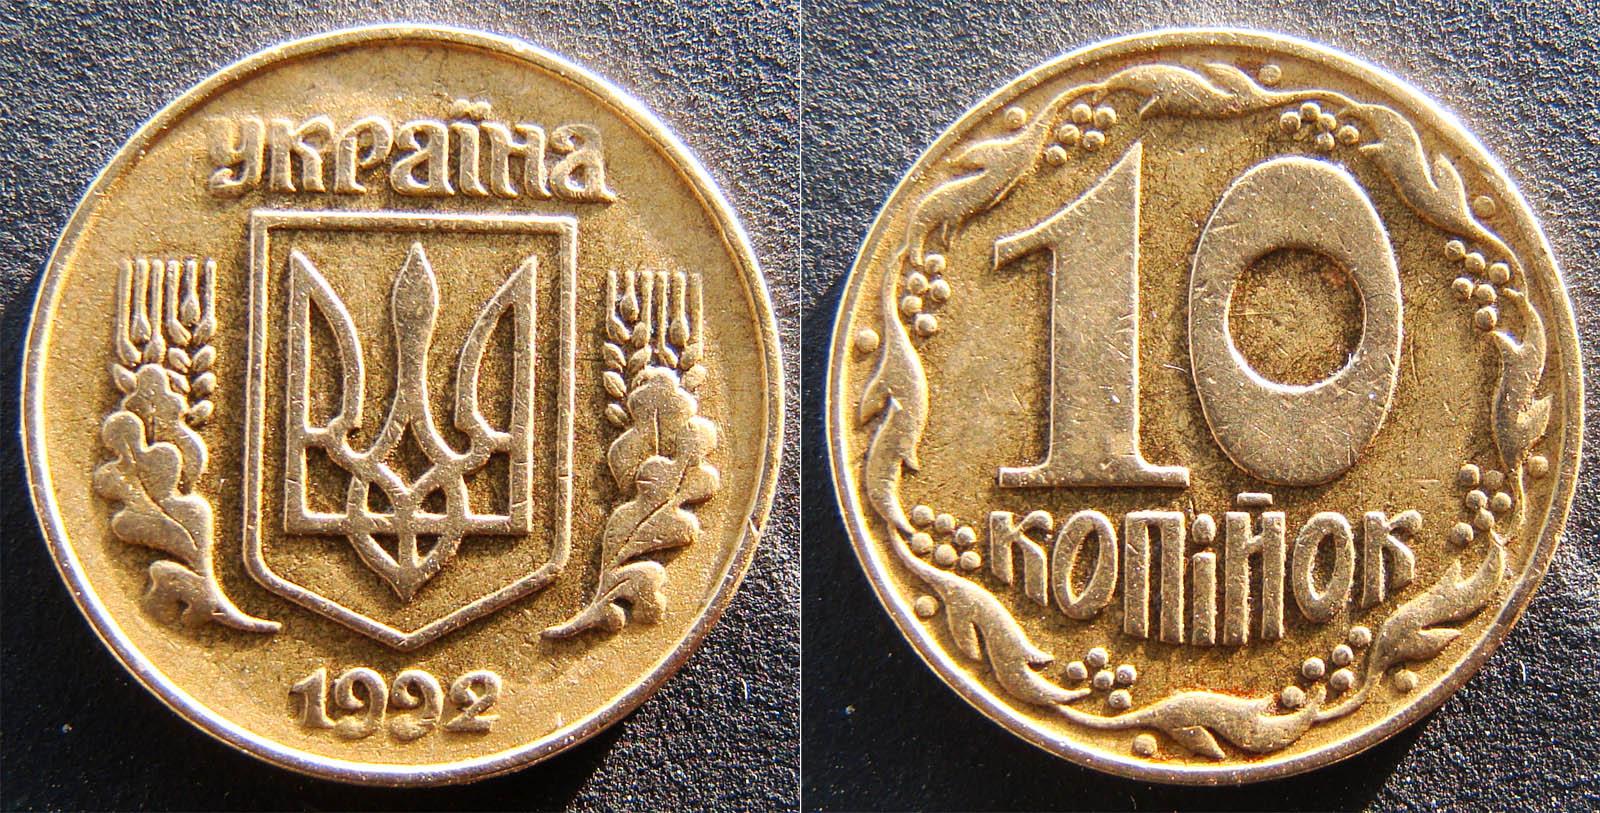 Монета 50 копійок 1992 року україна ціна банкнот времён николая ii (1894 1917) в народе именовалась «катеринка»